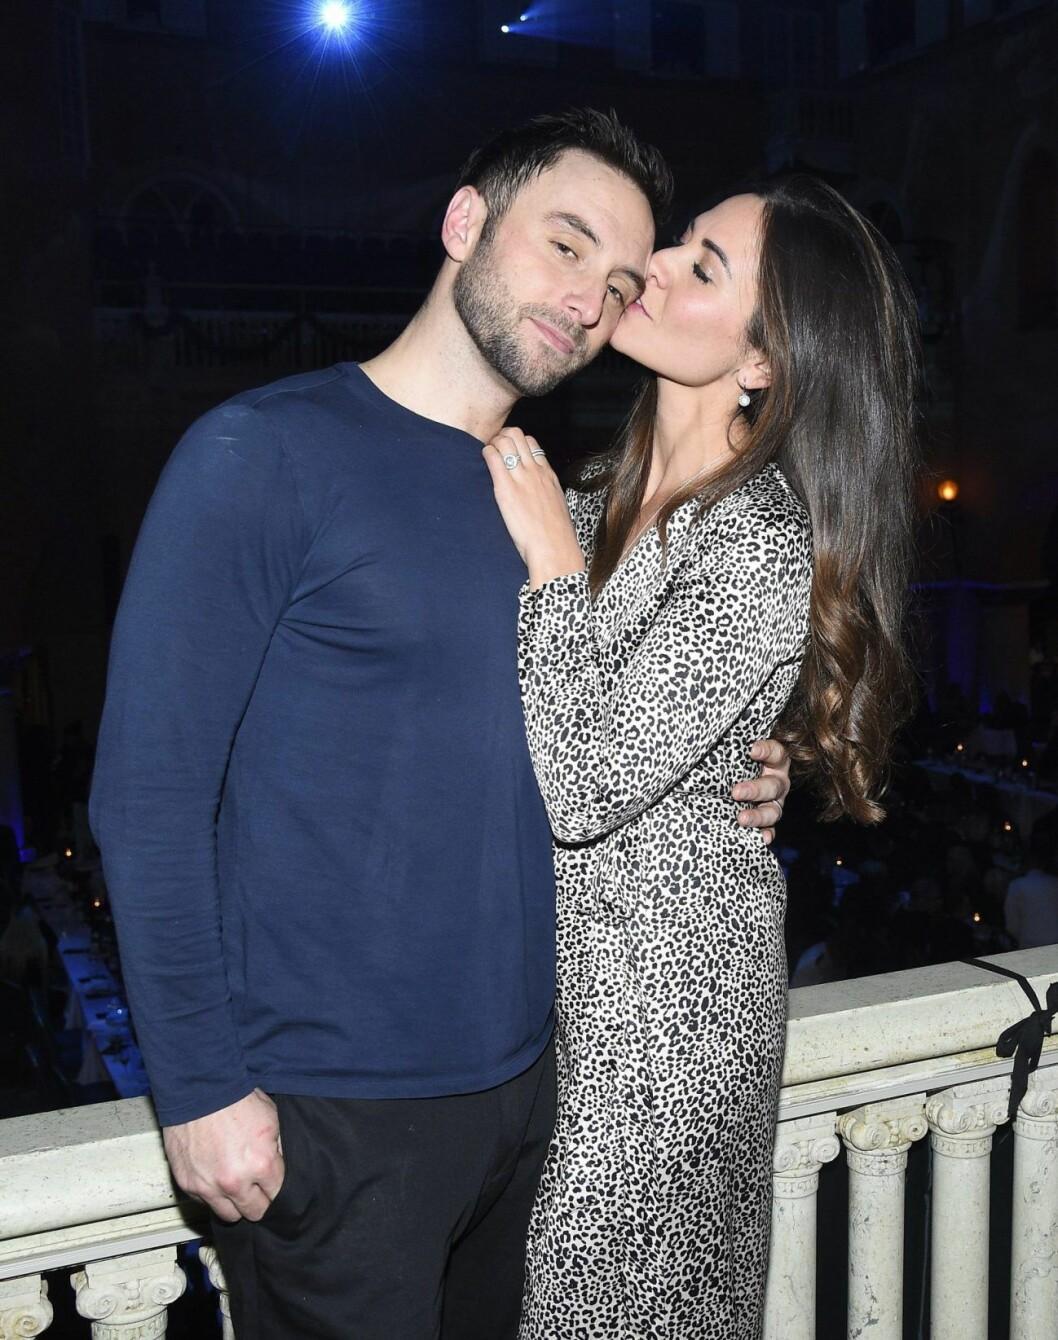 Kärleken blomstrar mellan Måns Zelmerlöw och Ciara efter bröllopet i Kroatien förra året.